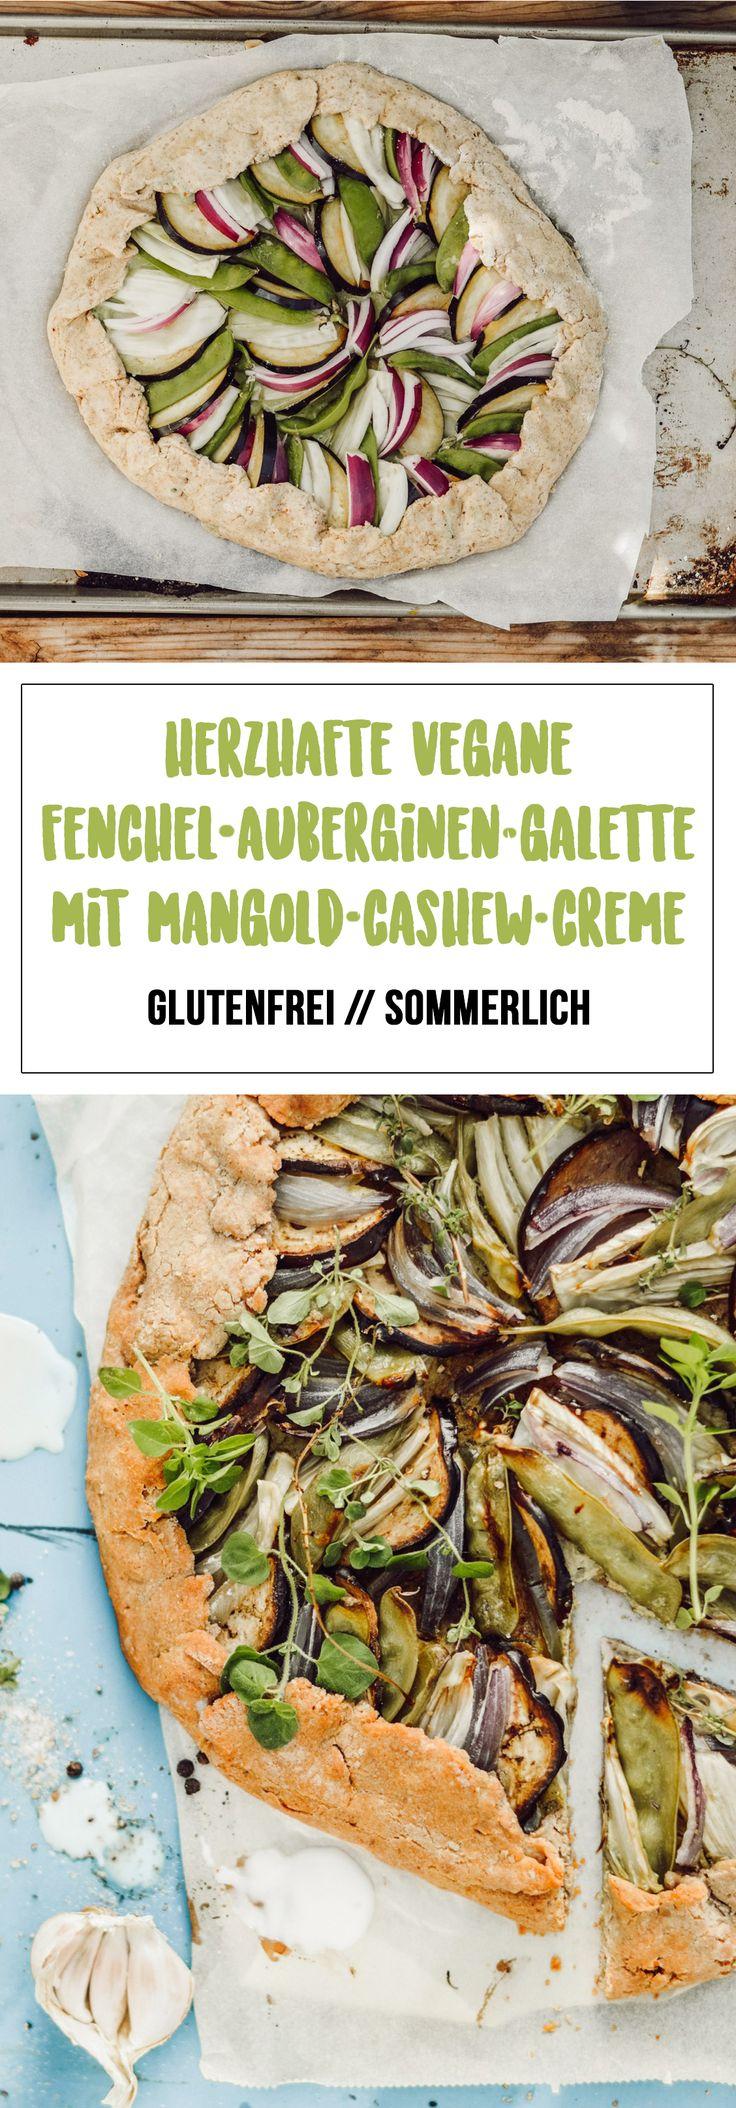 Herzhafte Fenchel-Auberginen-Galette mit Mangold-Cashew-Creme [glutenfrei, vegan]